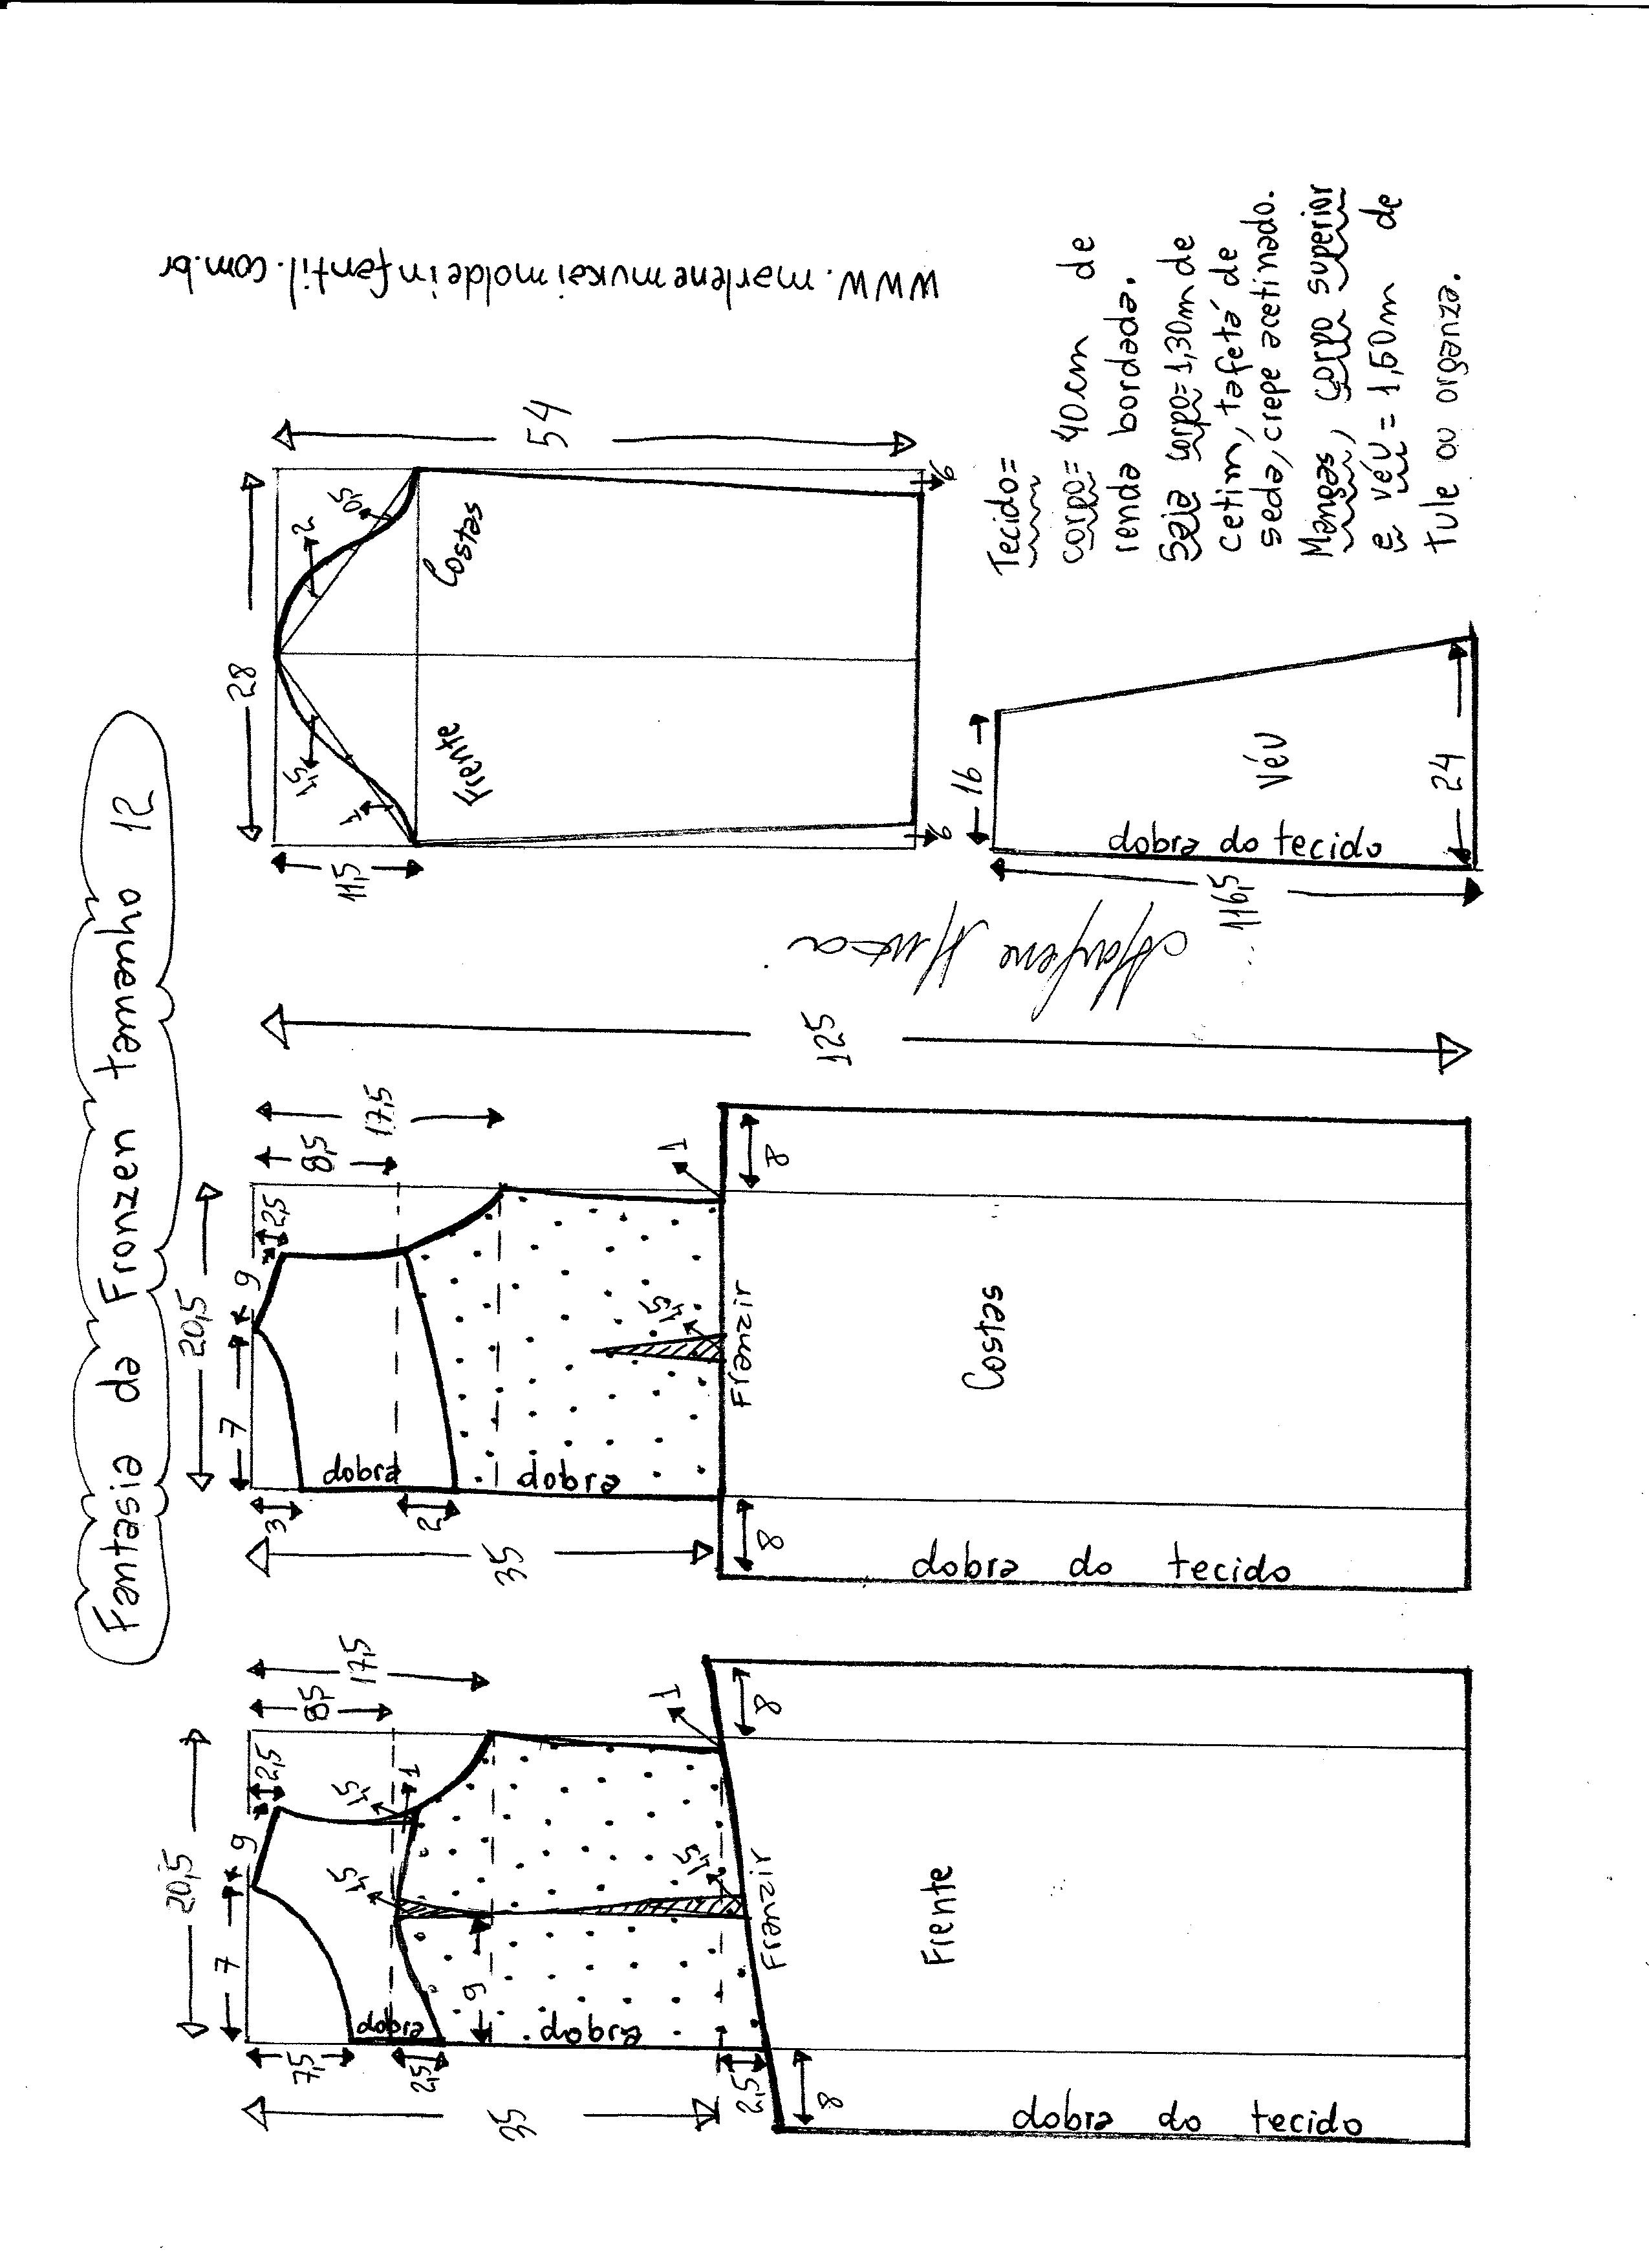 Esquema de modelagem de vestido fantasia fronzen tamanho 12.